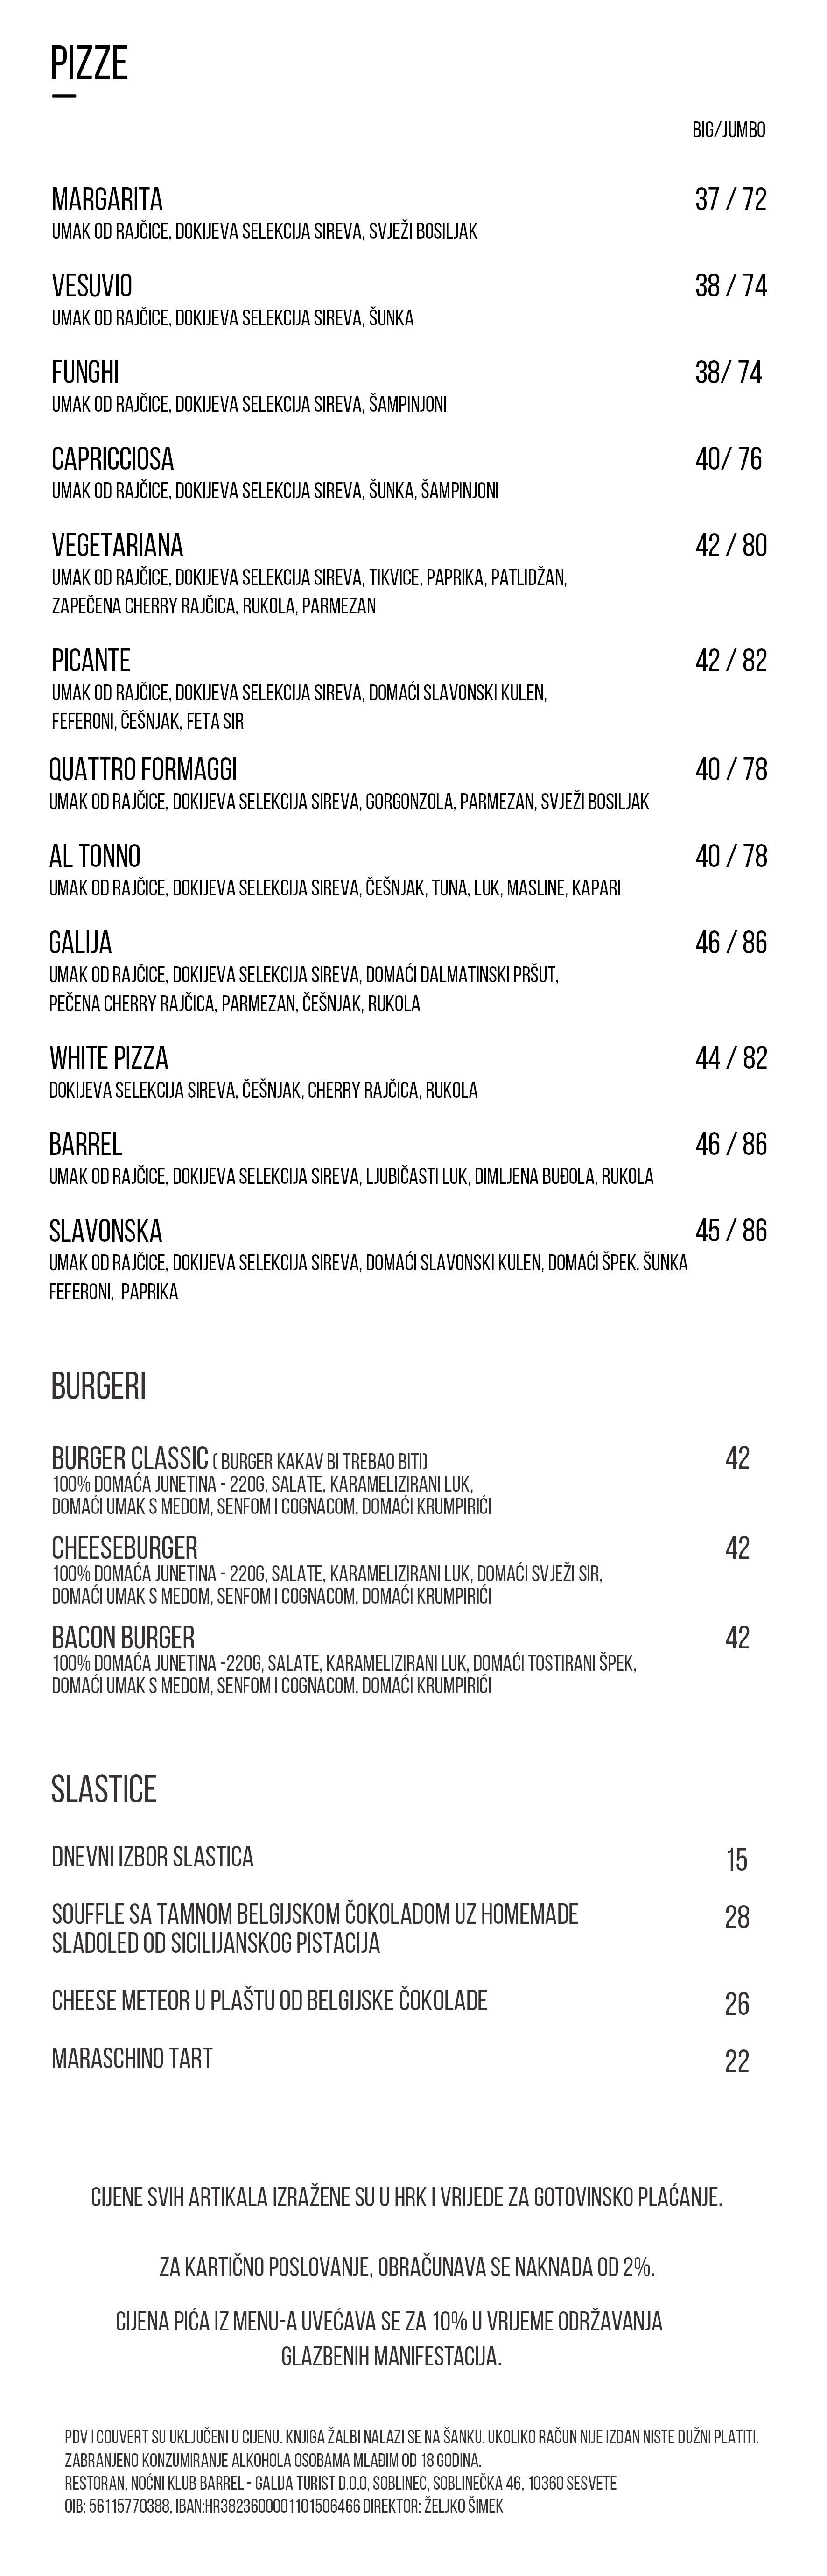 Pizza_burger_web